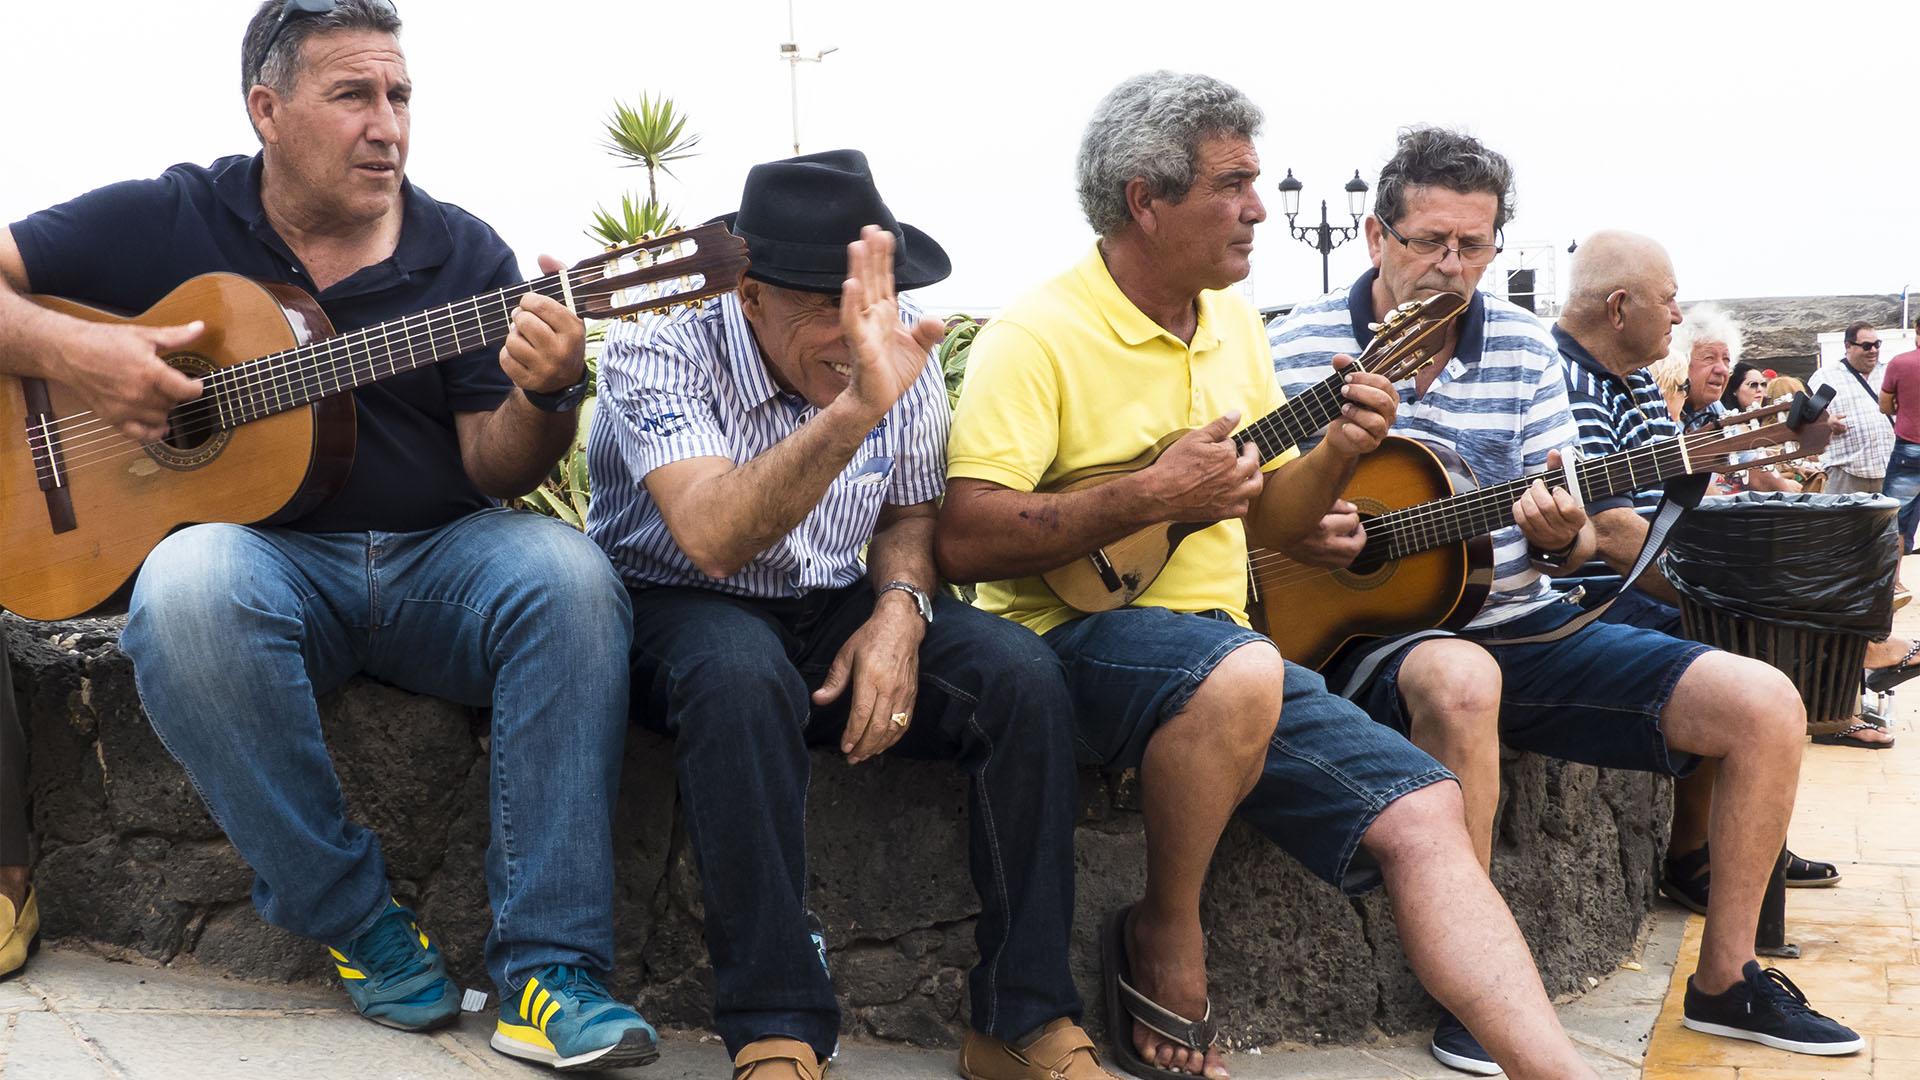 Fiestas + Wallfahrten auf Fuerteventura: Virgen del Buen Viaje El Cotillo.